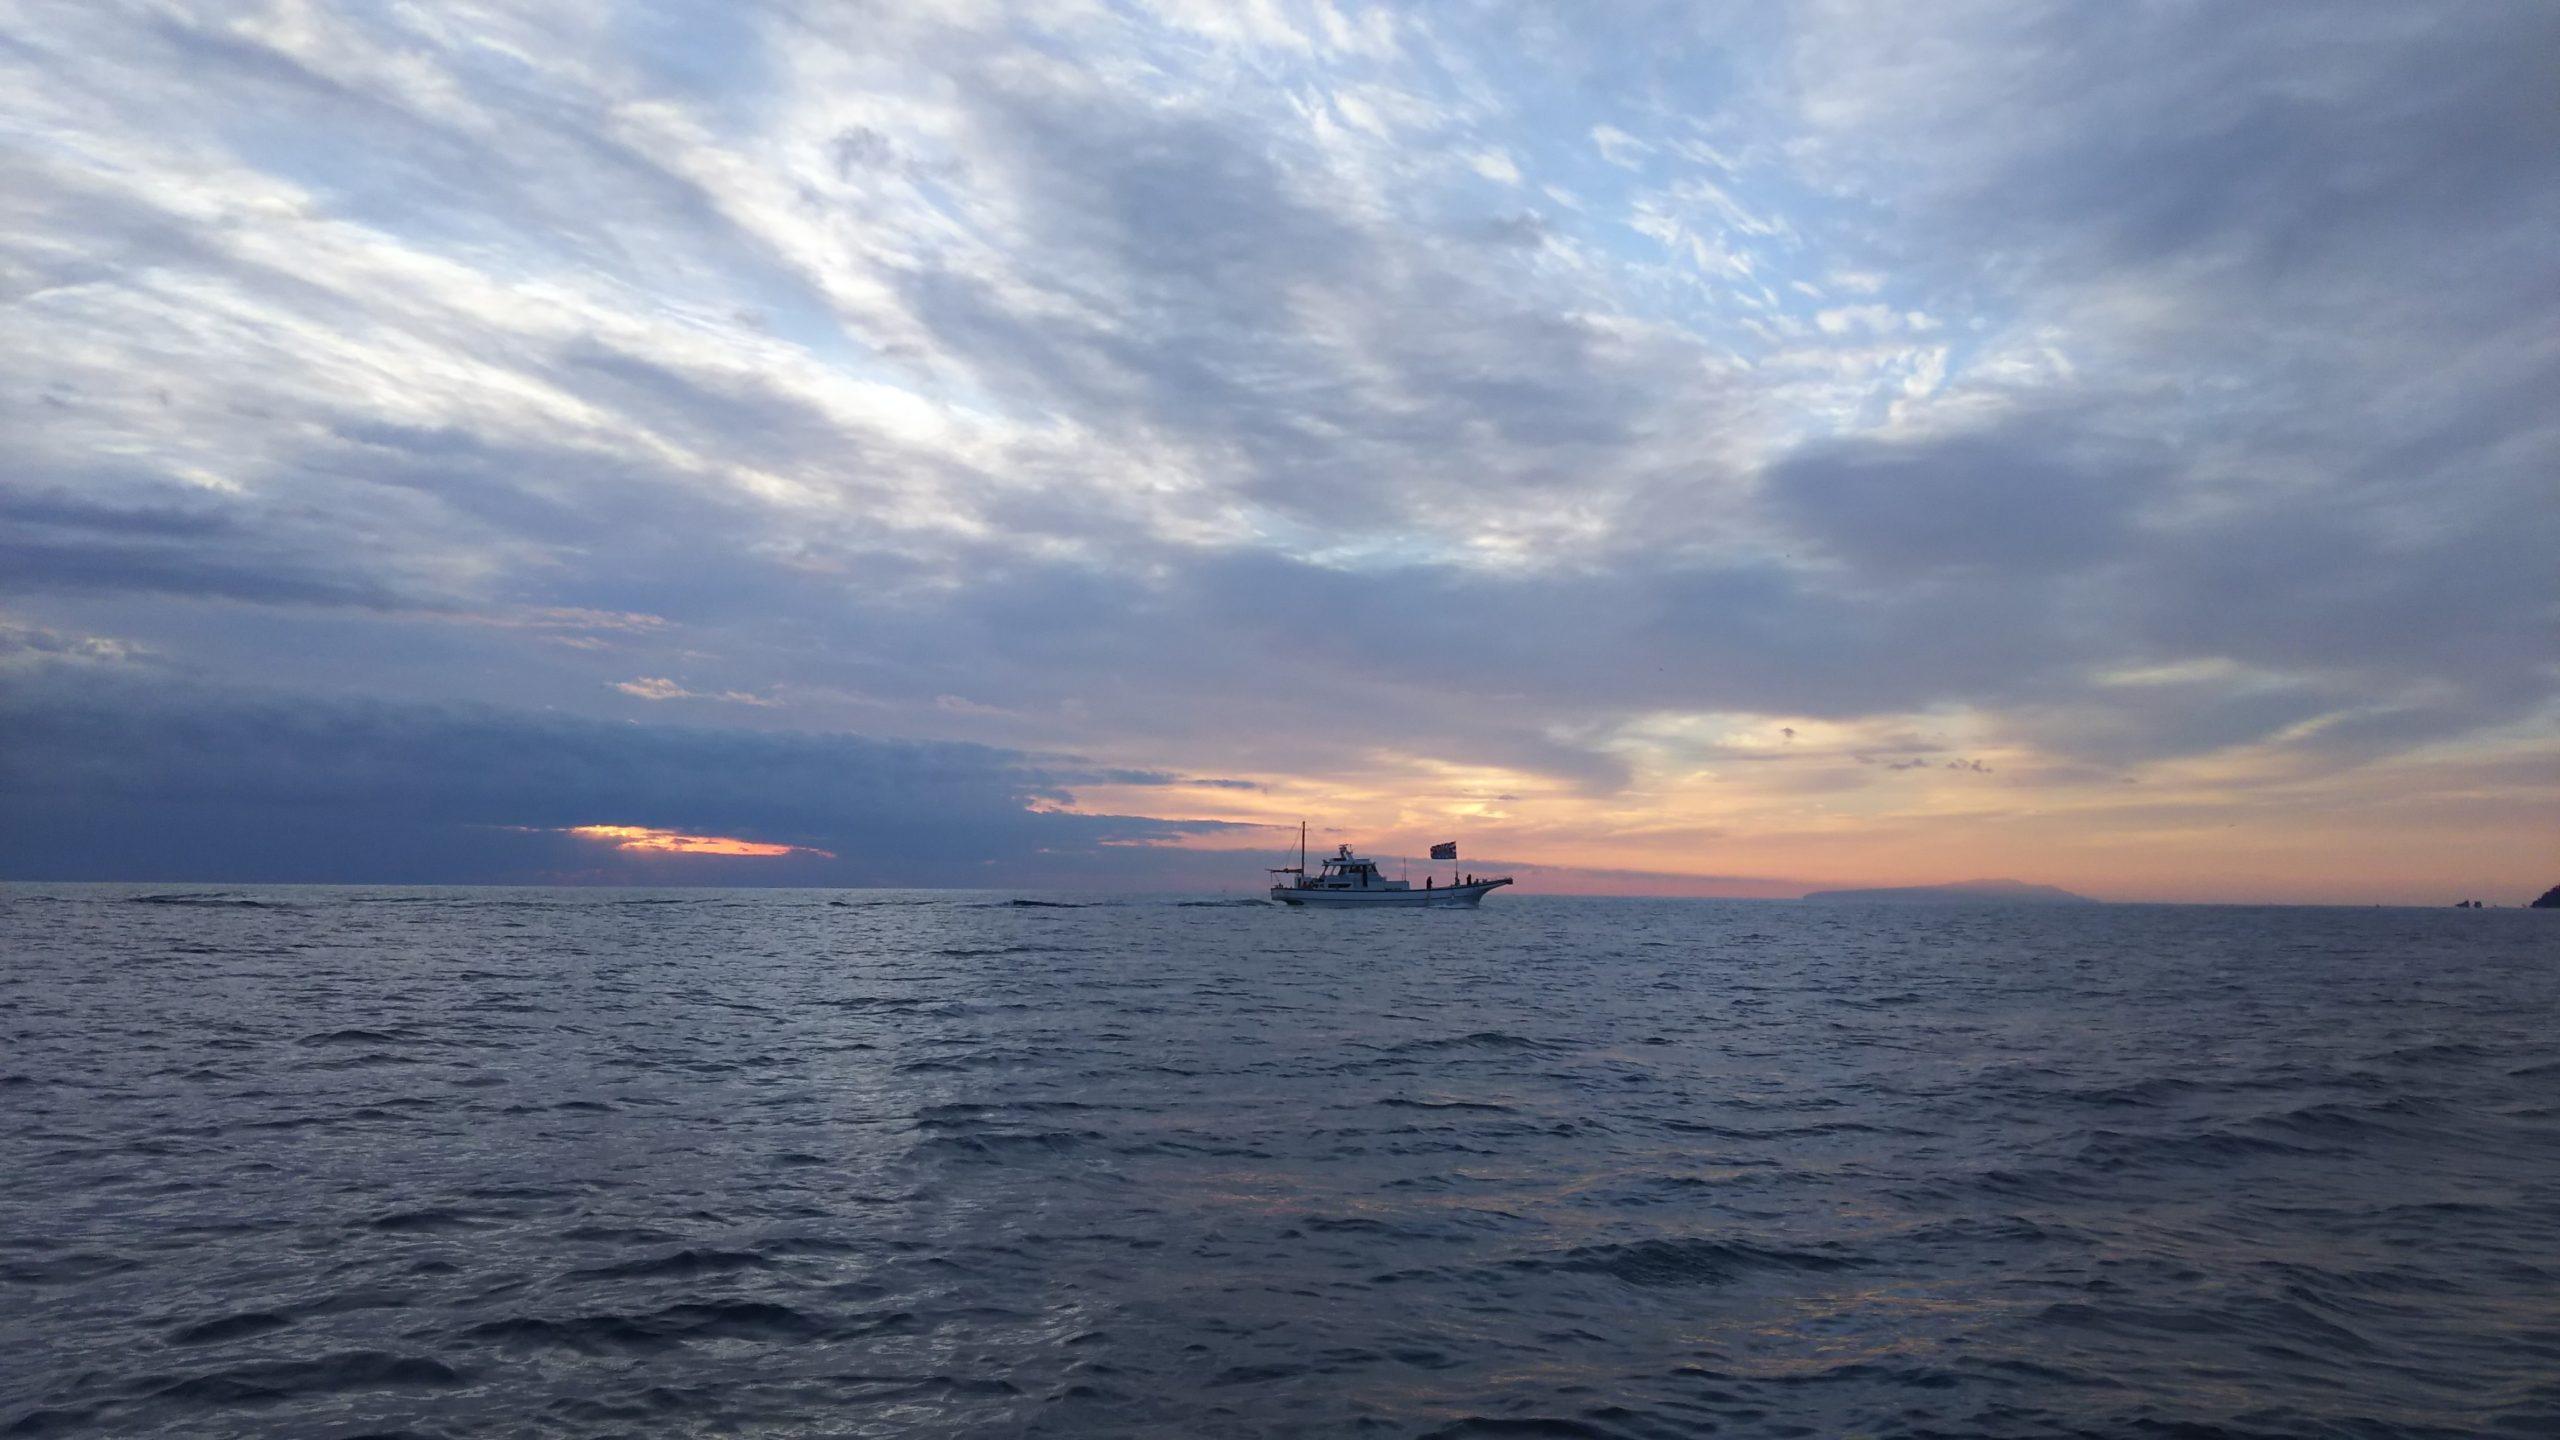 新年で大漁旗を掲げた釣り船